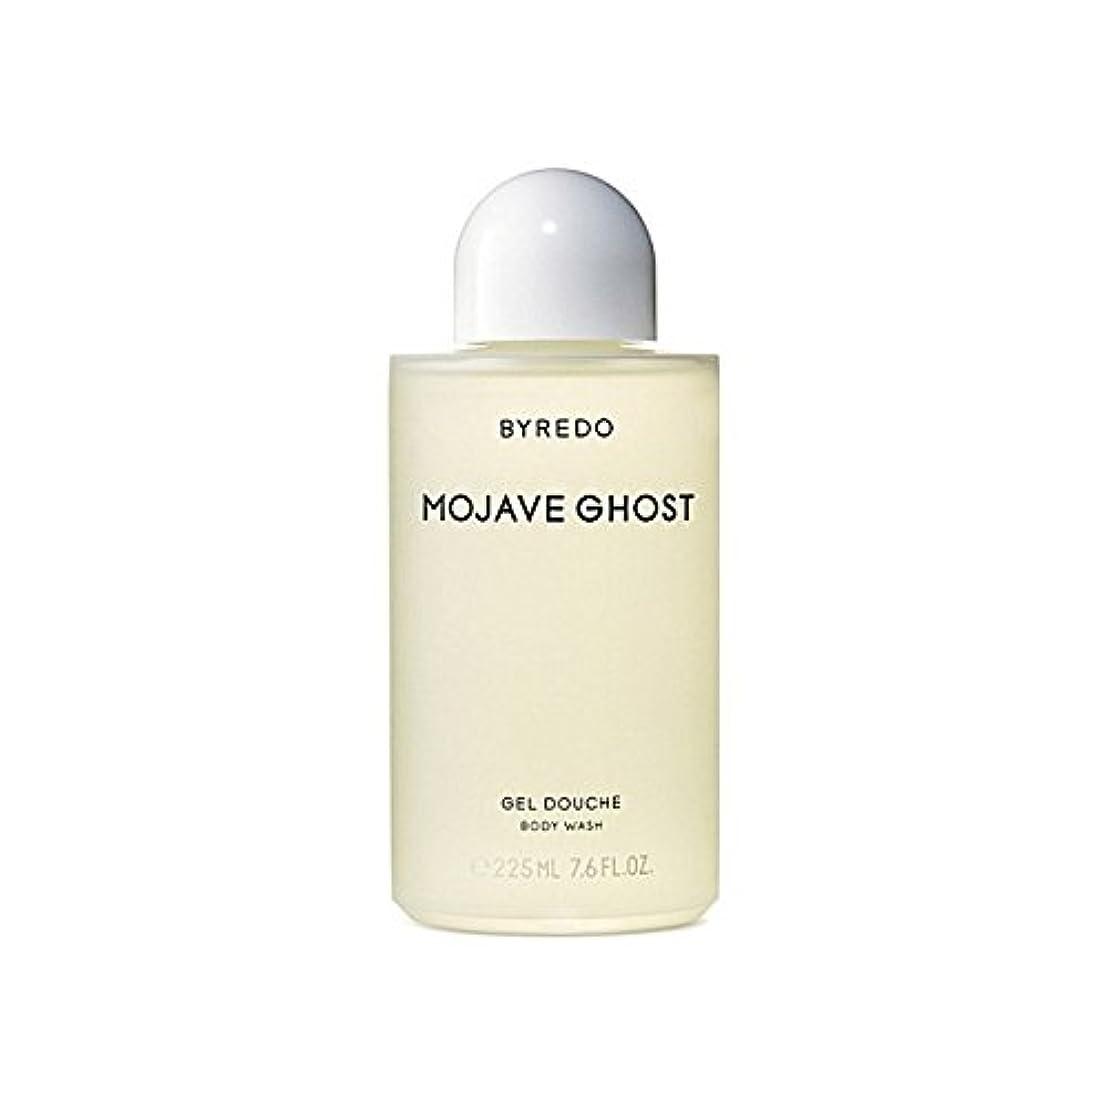 打撃再集計陰謀Byredo Mojave Ghost Body Wash 225ml - モハーベゴーストボディウォッシュ225ミリリットル [並行輸入品]